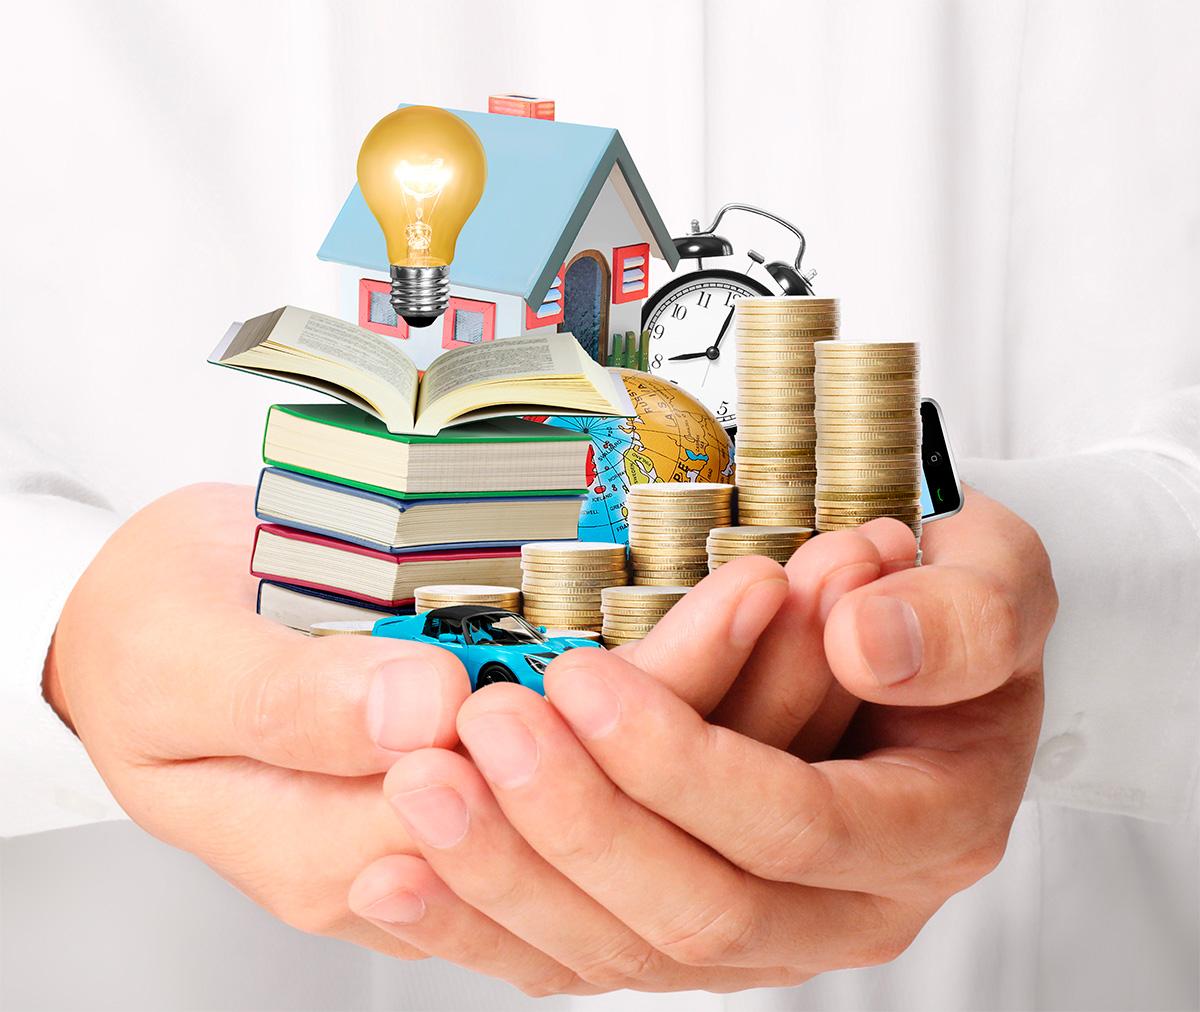 Cultura financiera y finanzas personales: